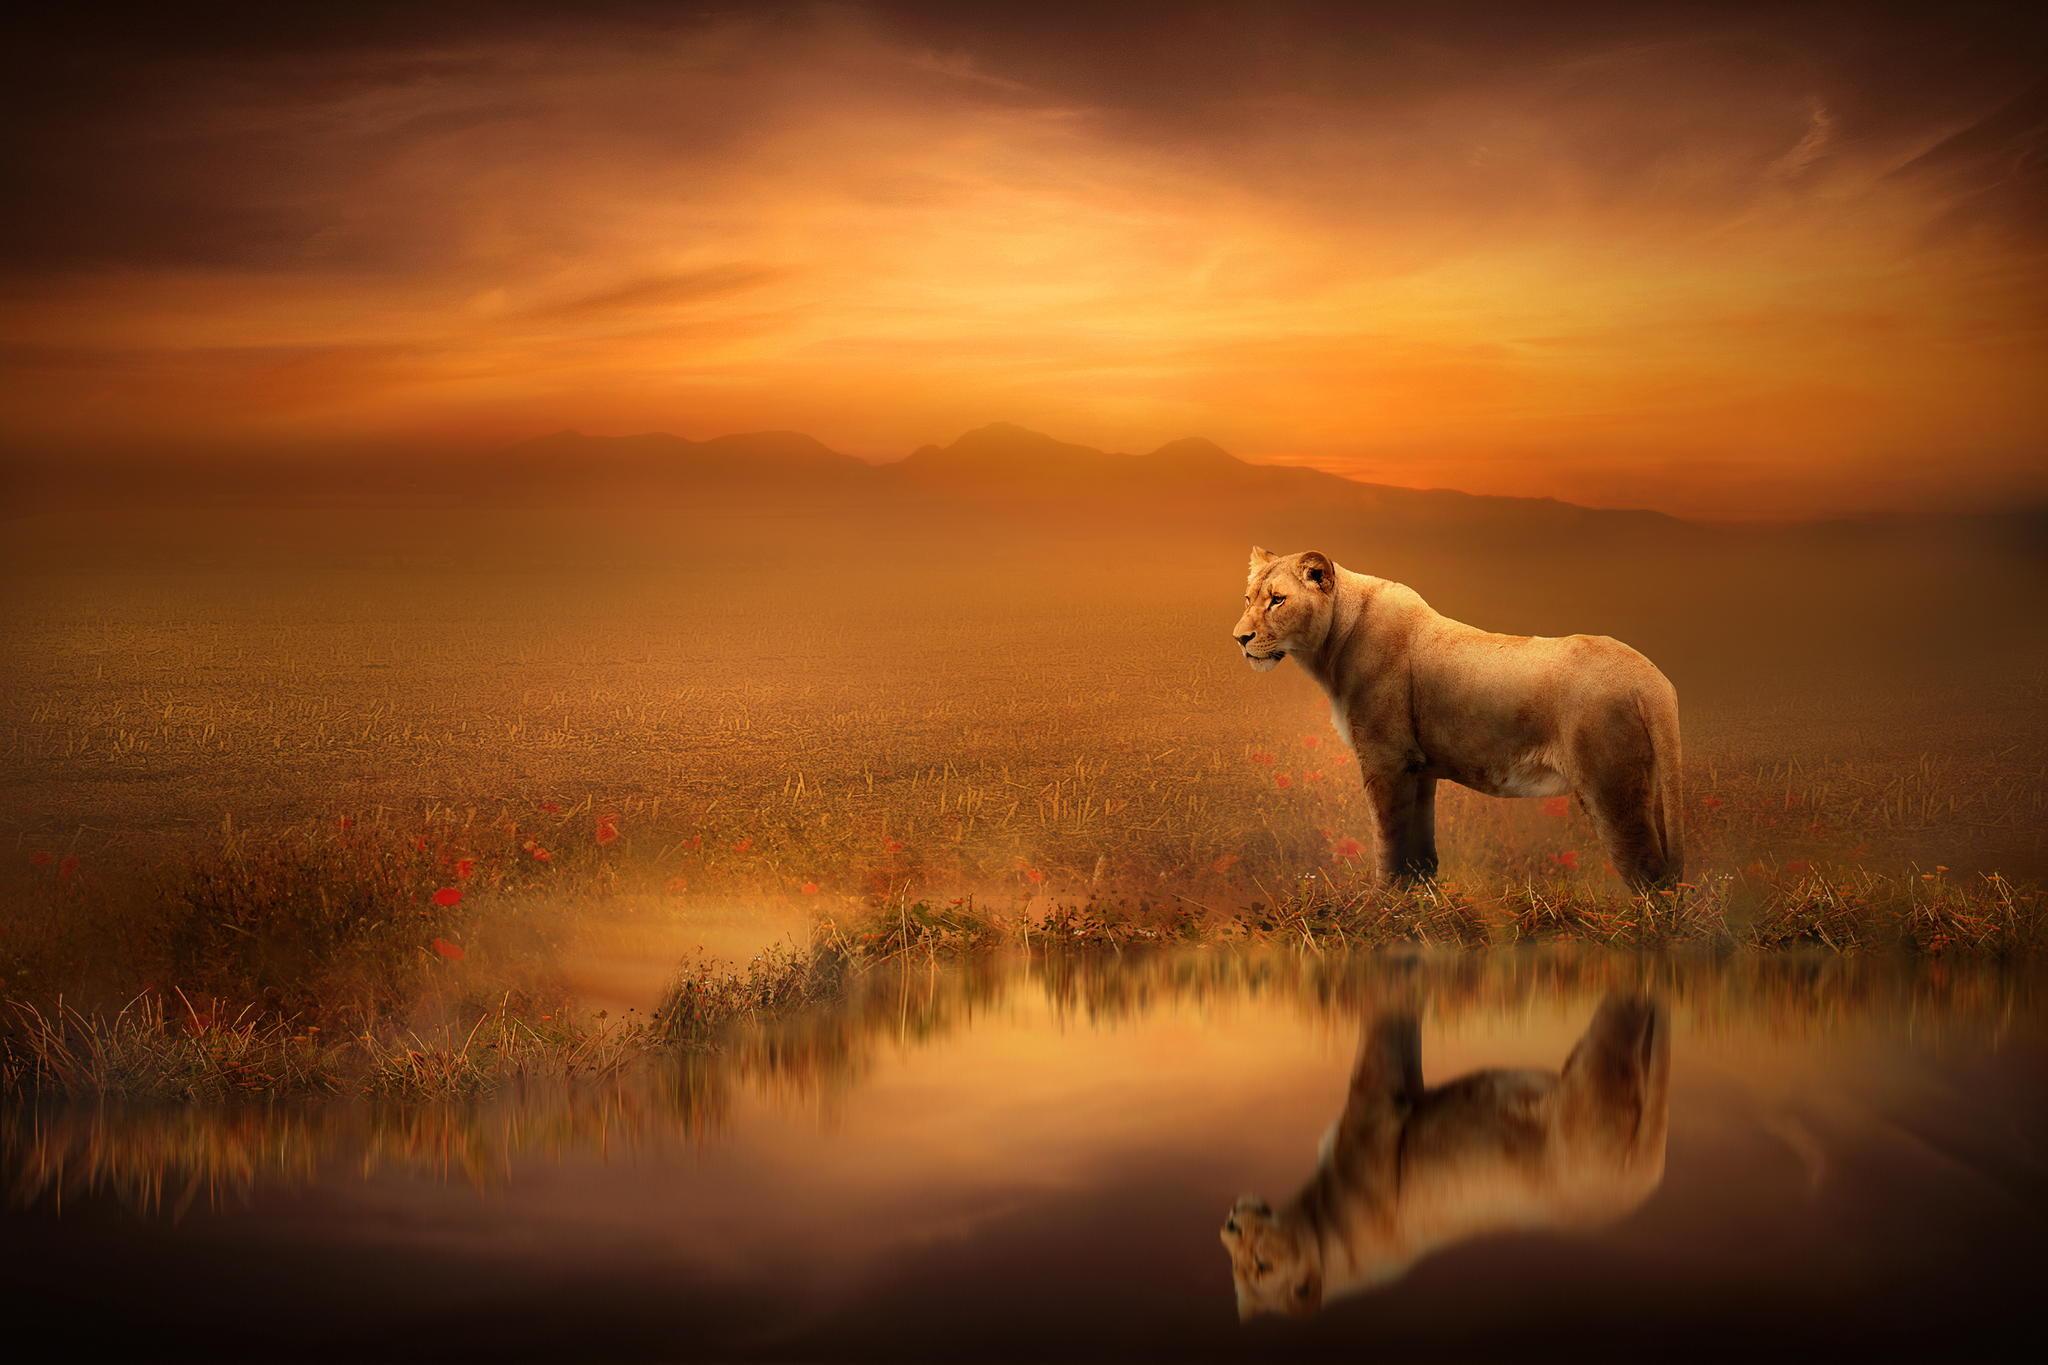 лев на закате бесплатно